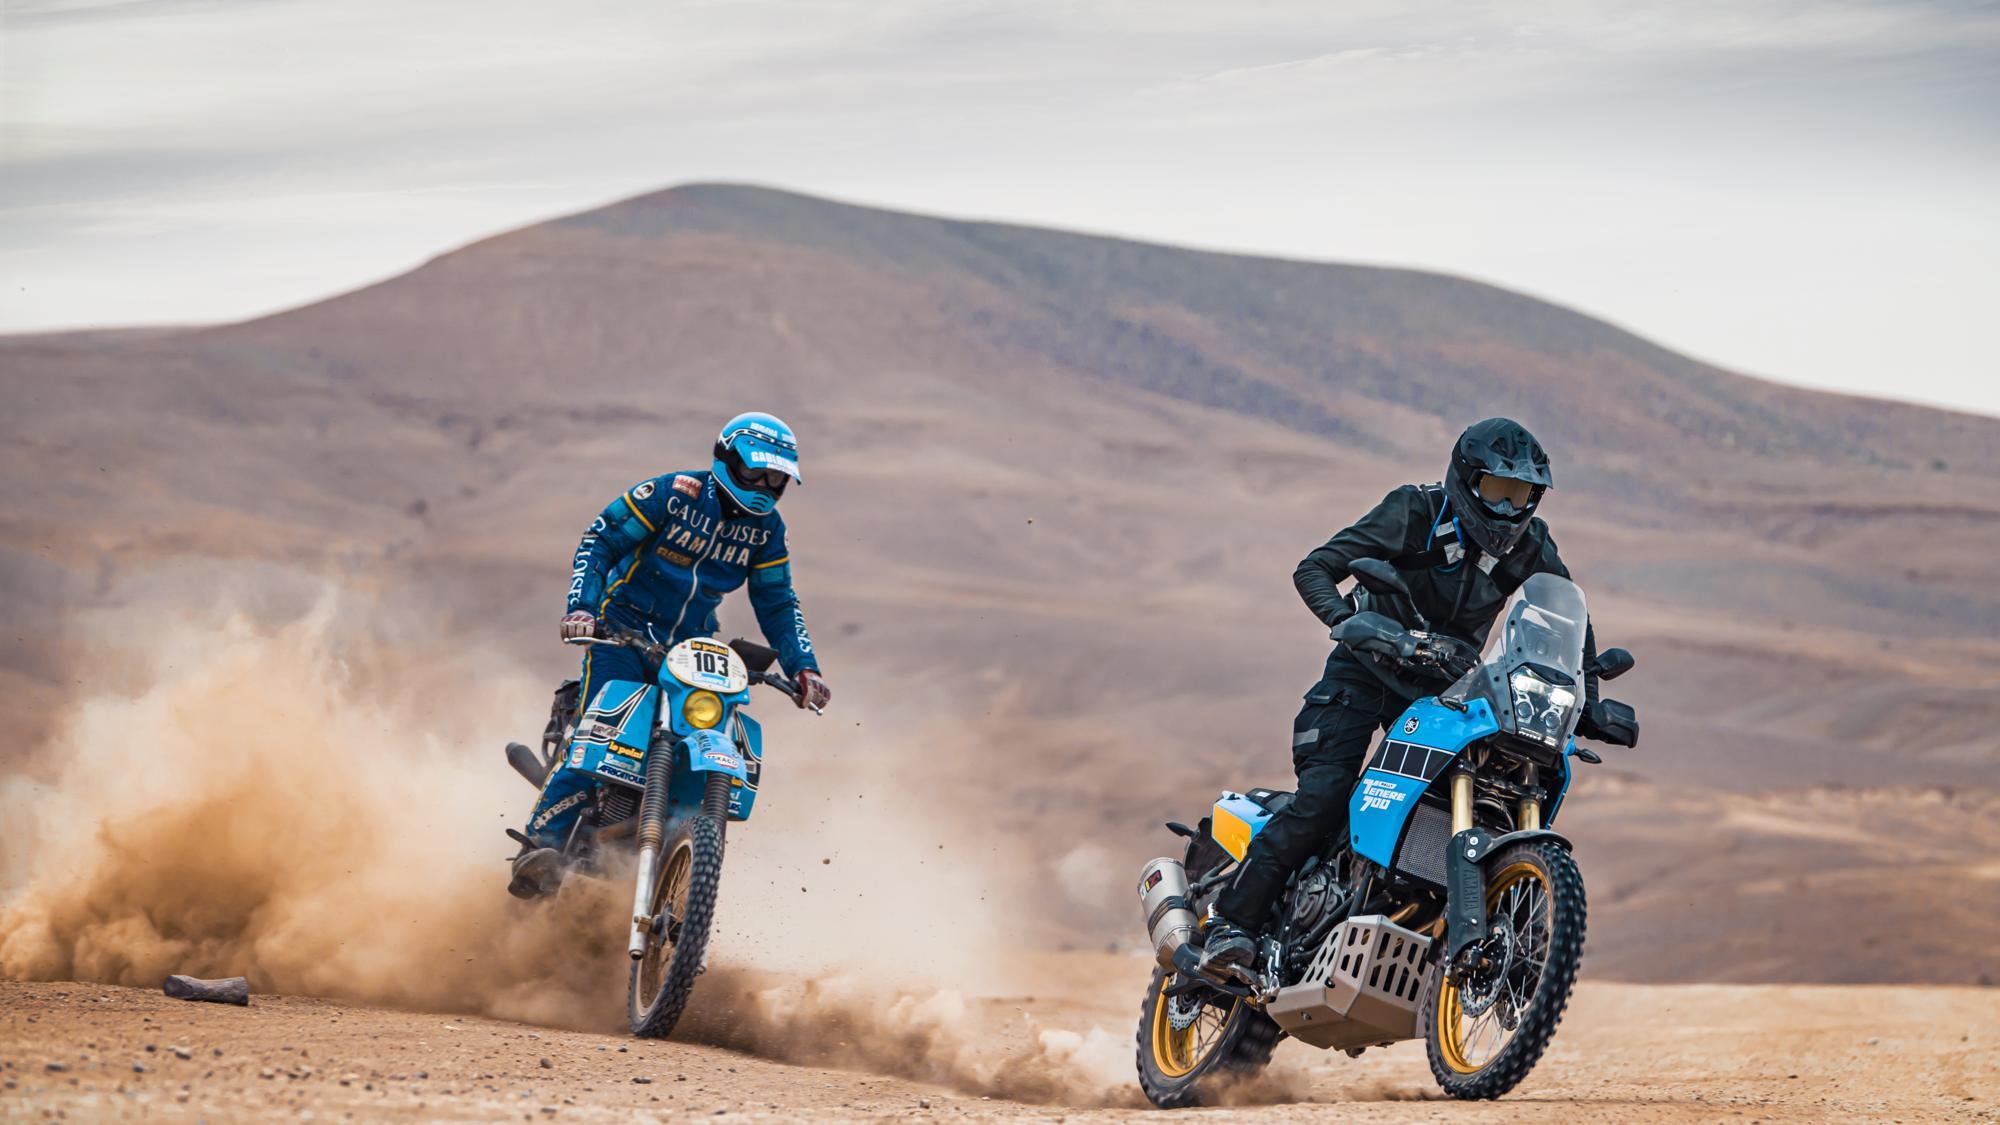 Yamaha tenere 700 Rally Edition bestellen